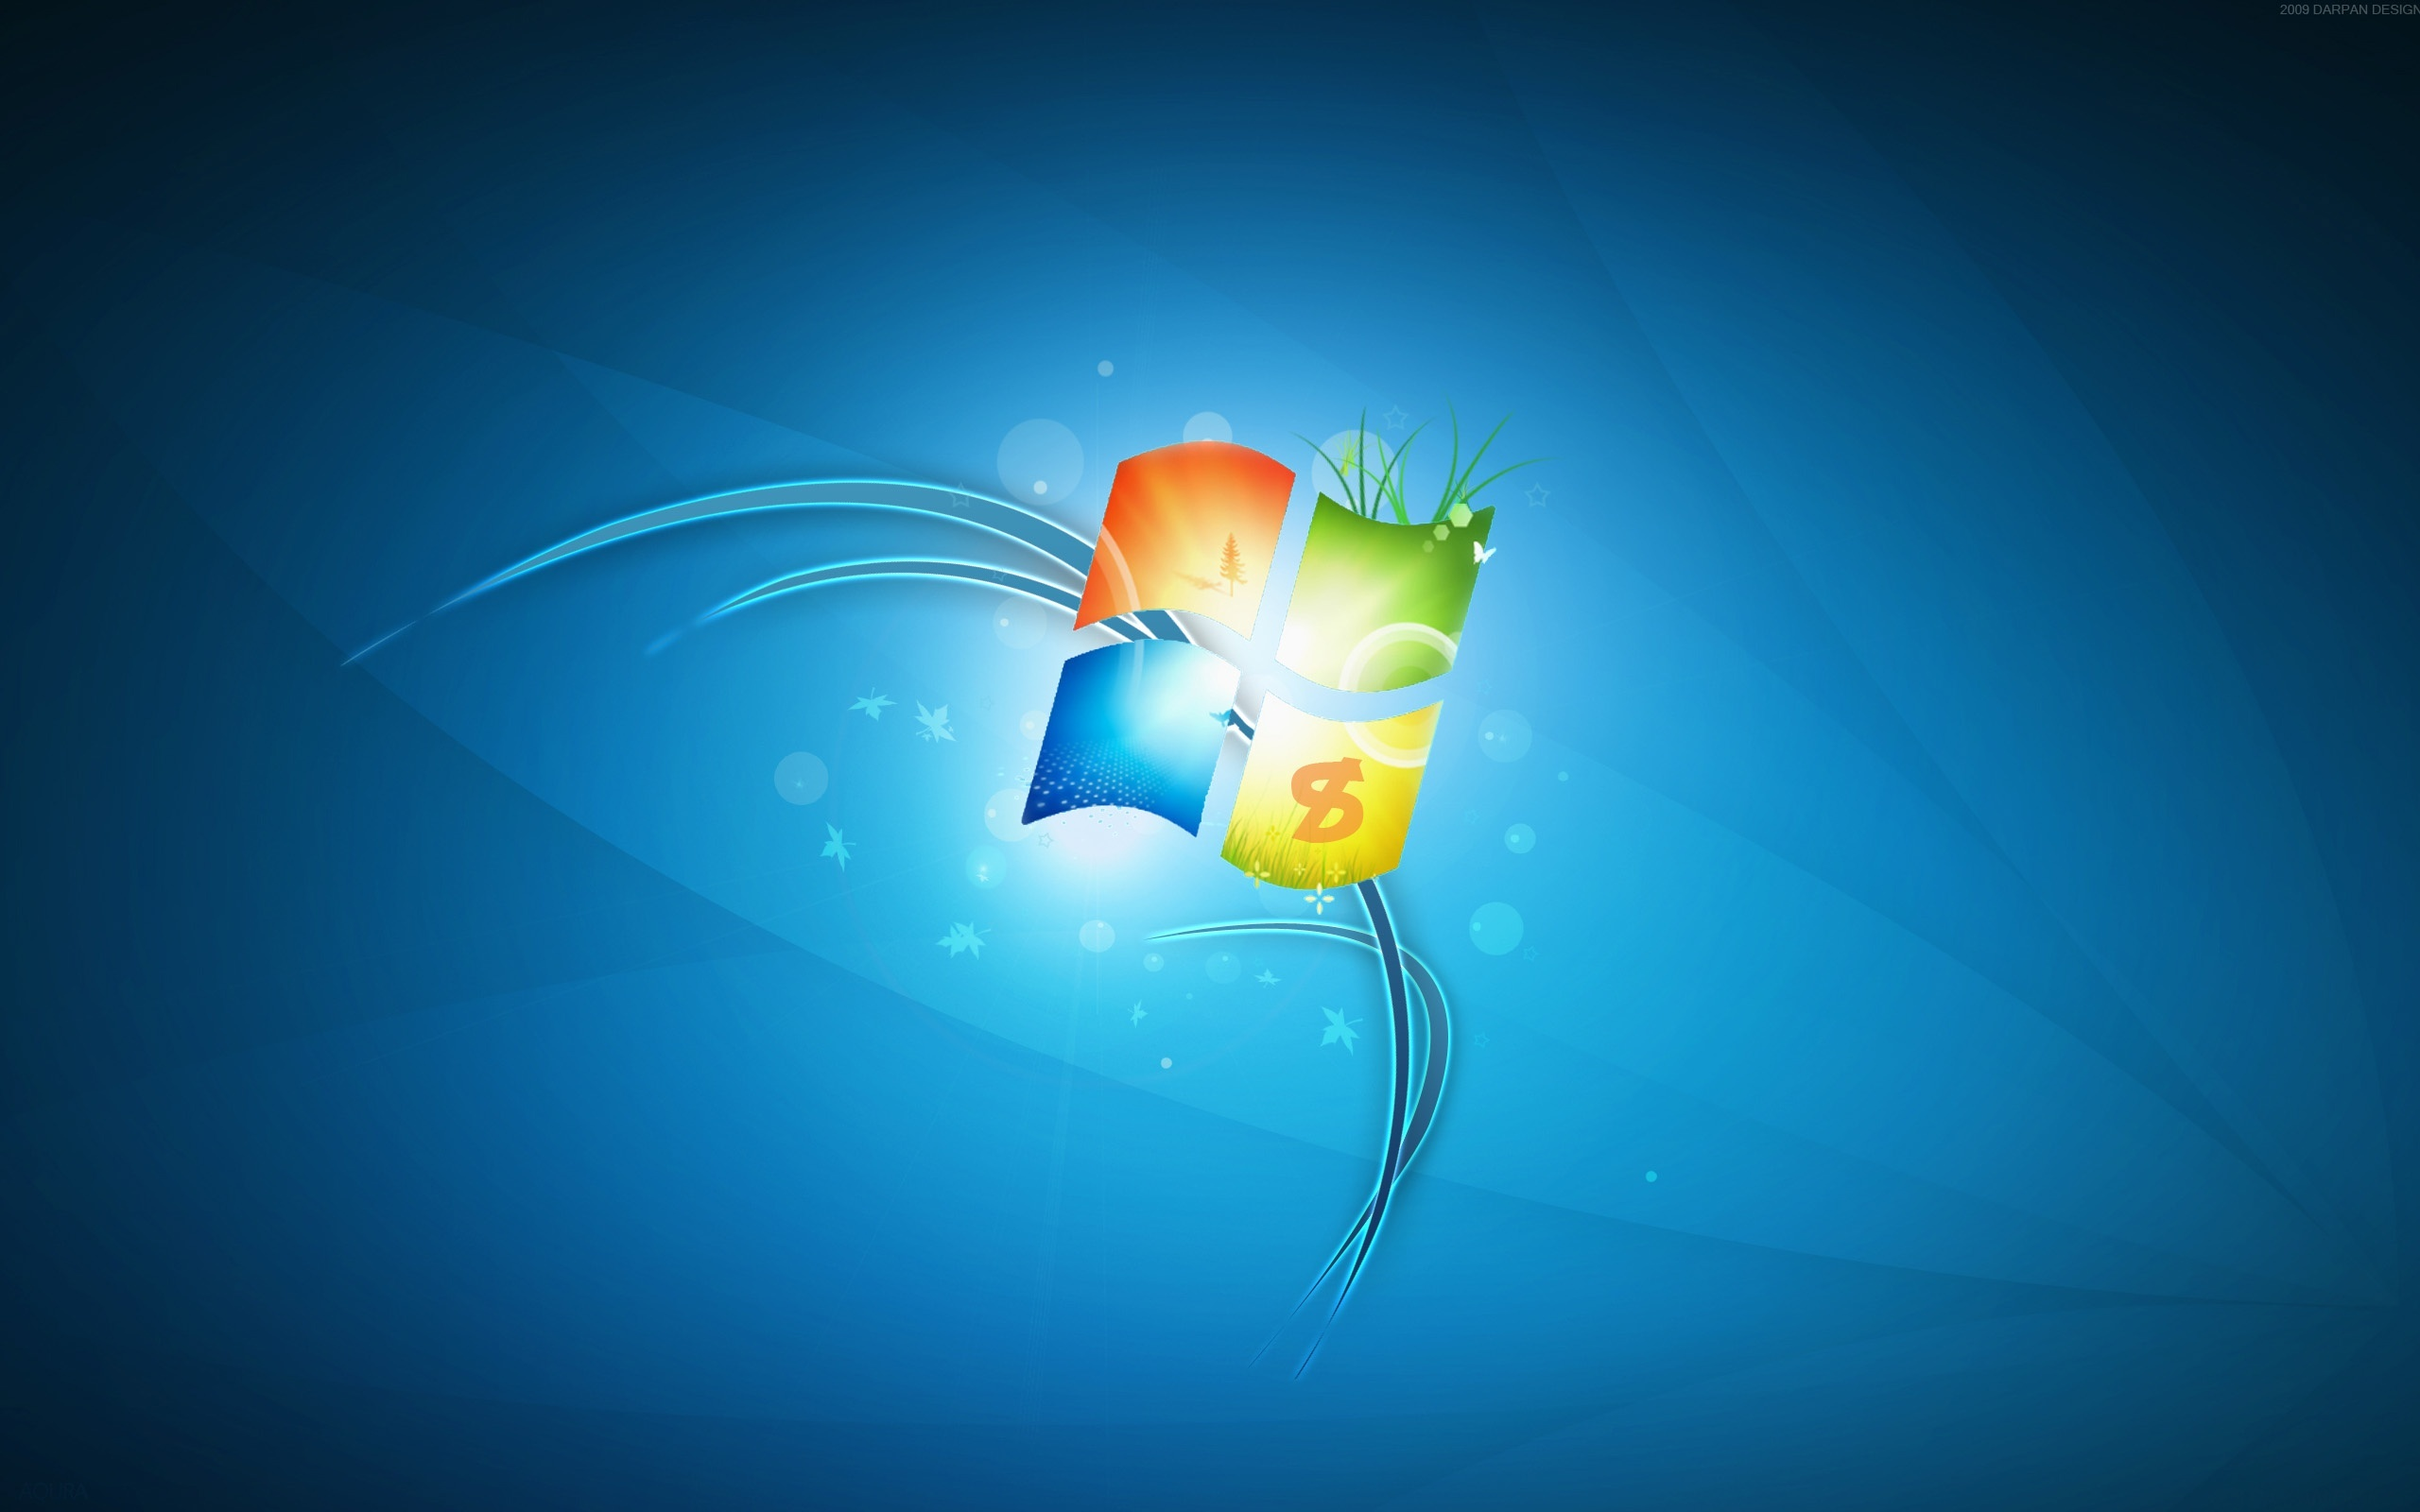 Windows 8 de fond naturel Fonds d'écran | 2560x1600 Fonds d'écran de ...